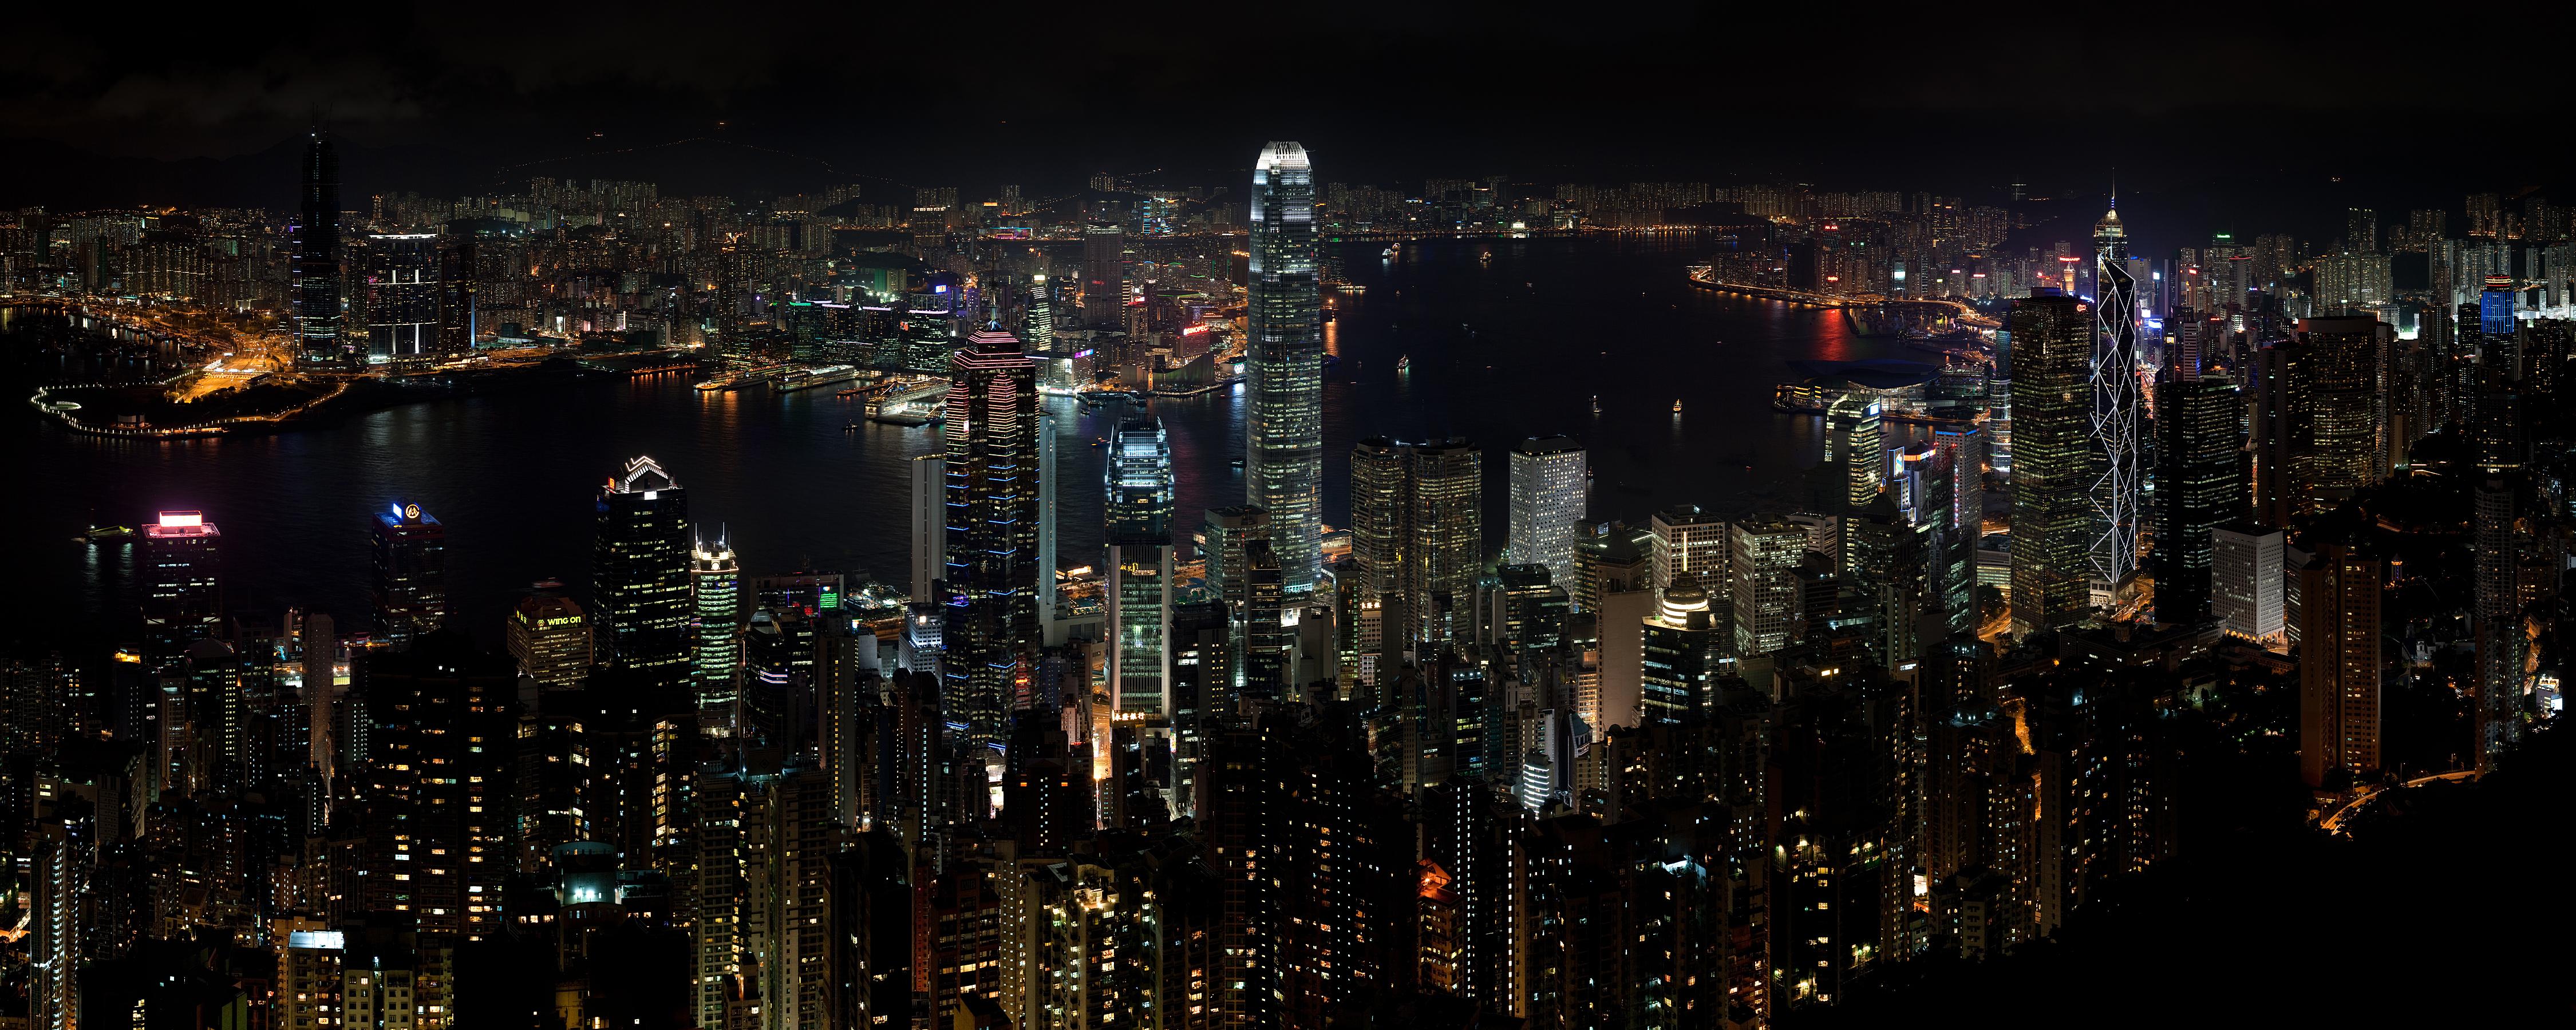 Hong_Kong_Night_Skyline_v2.jpg